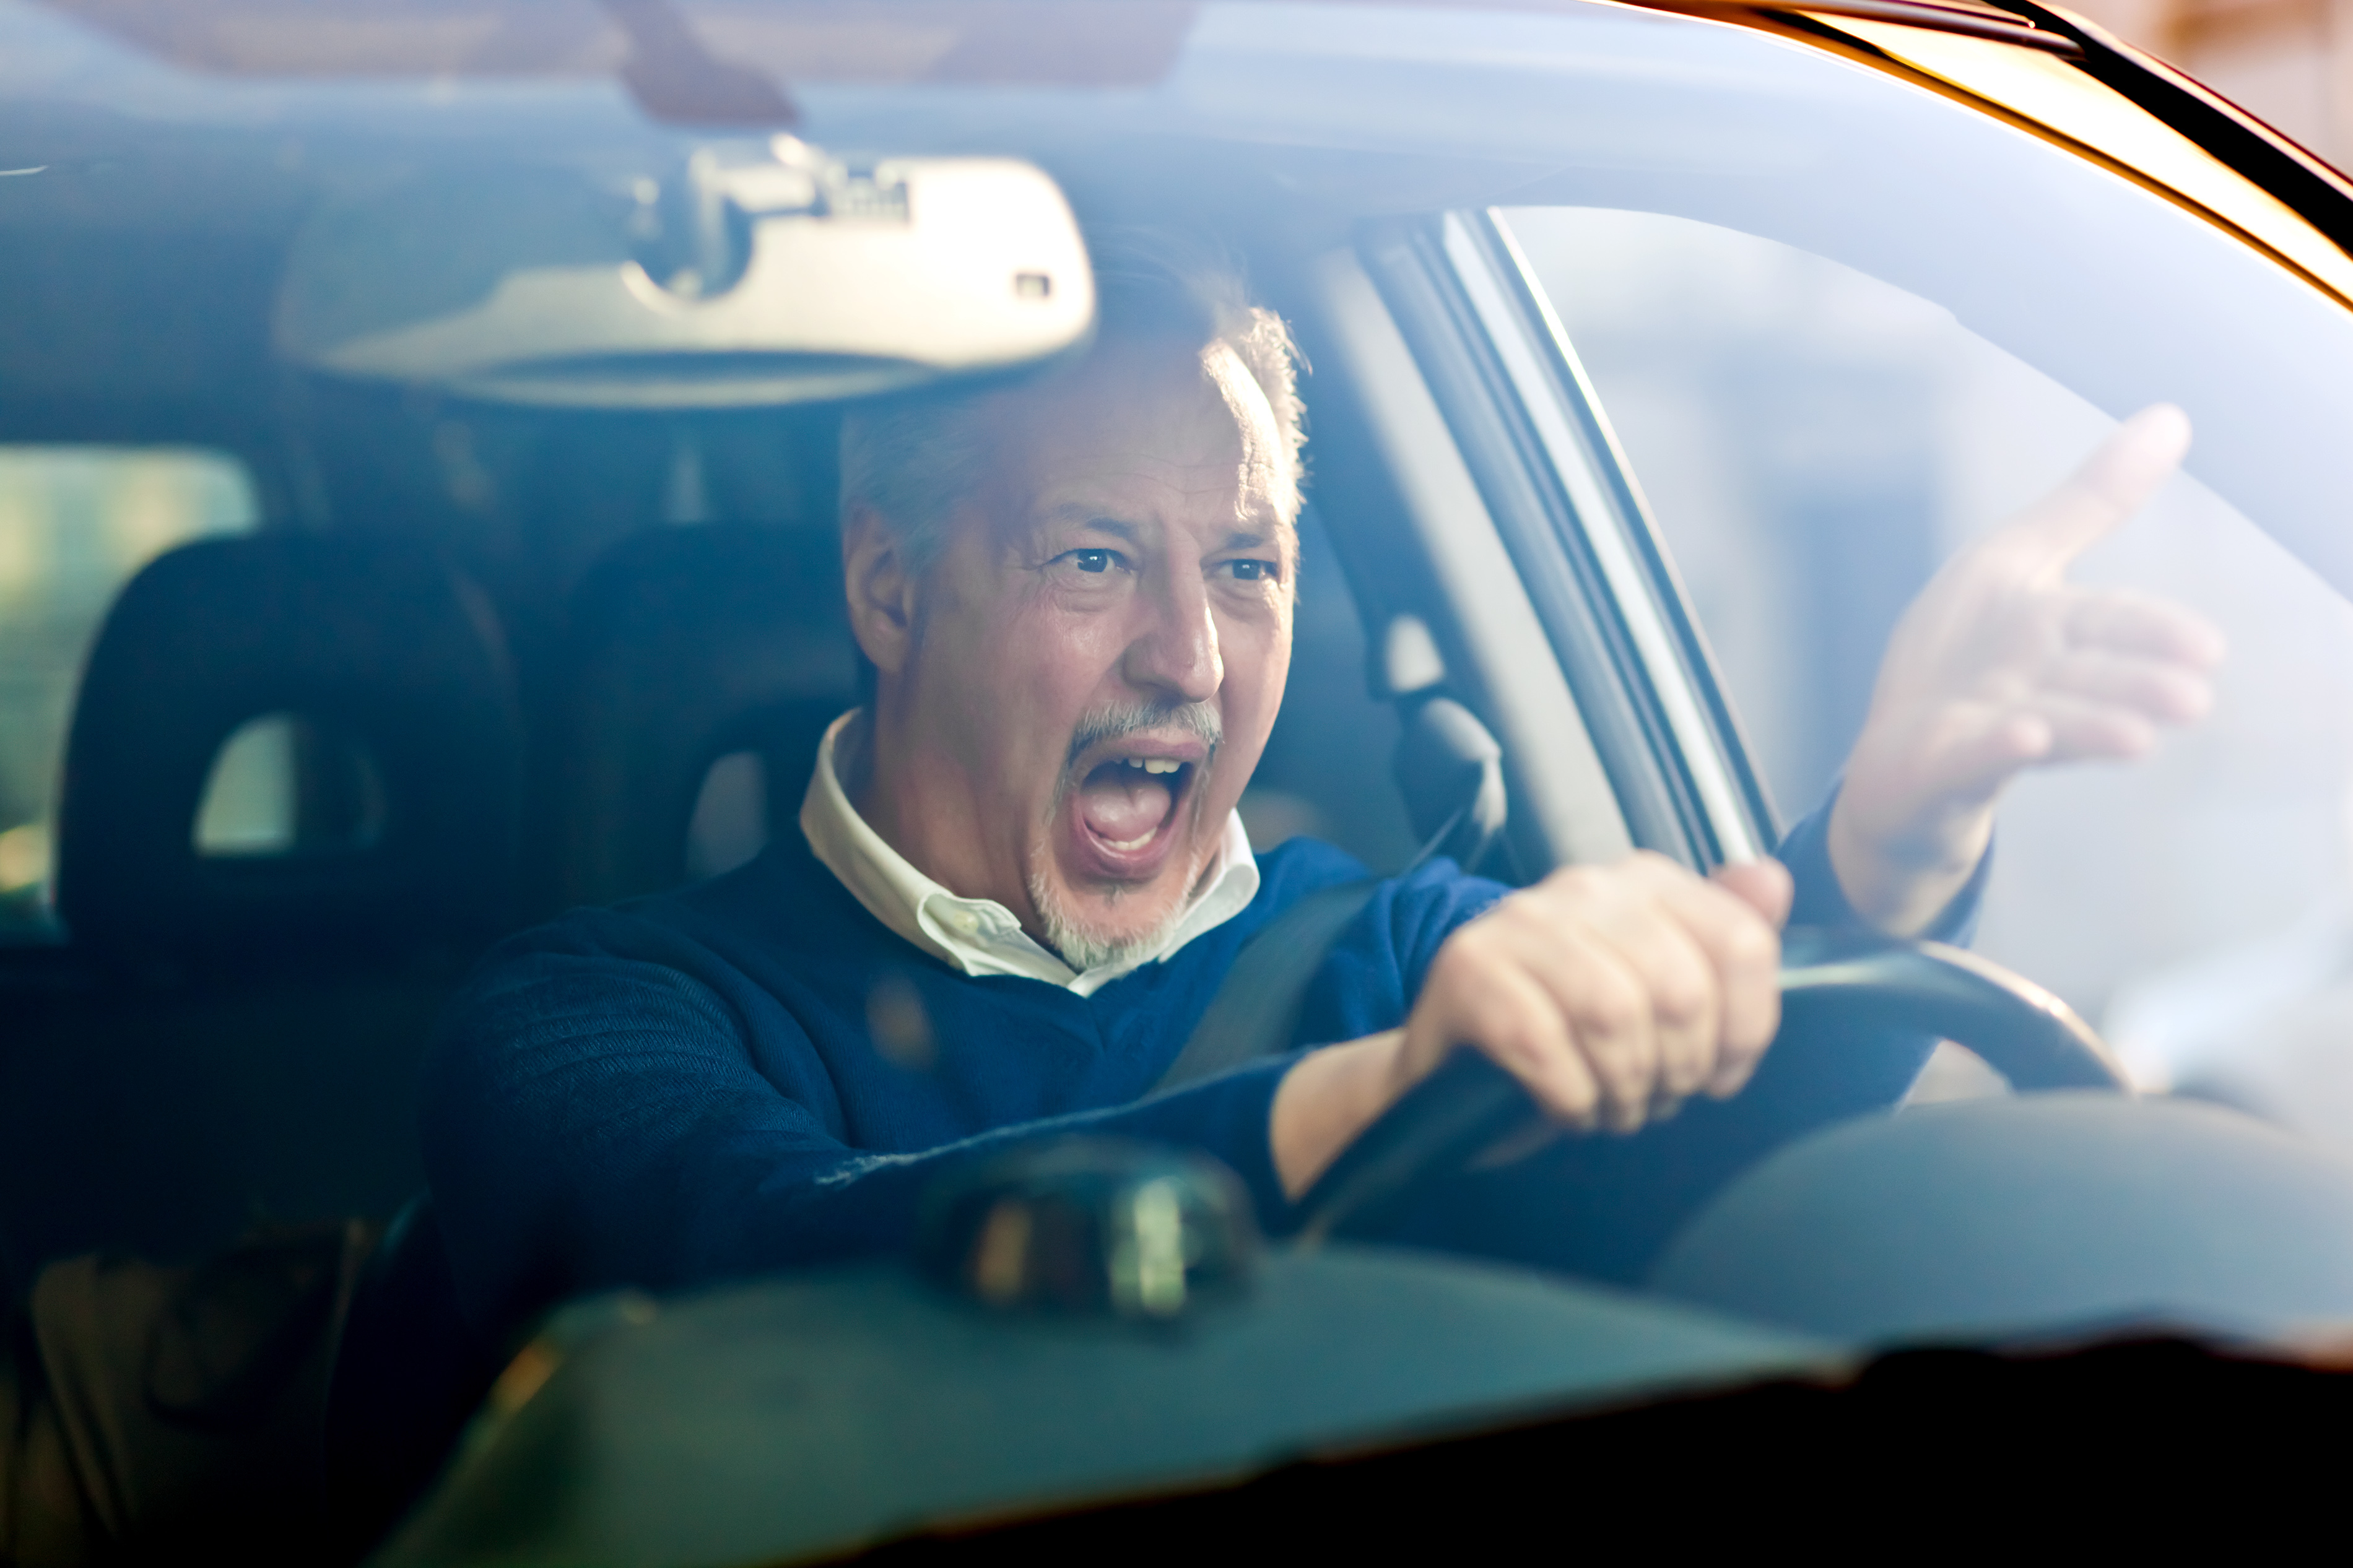 image_road_rage_man_1